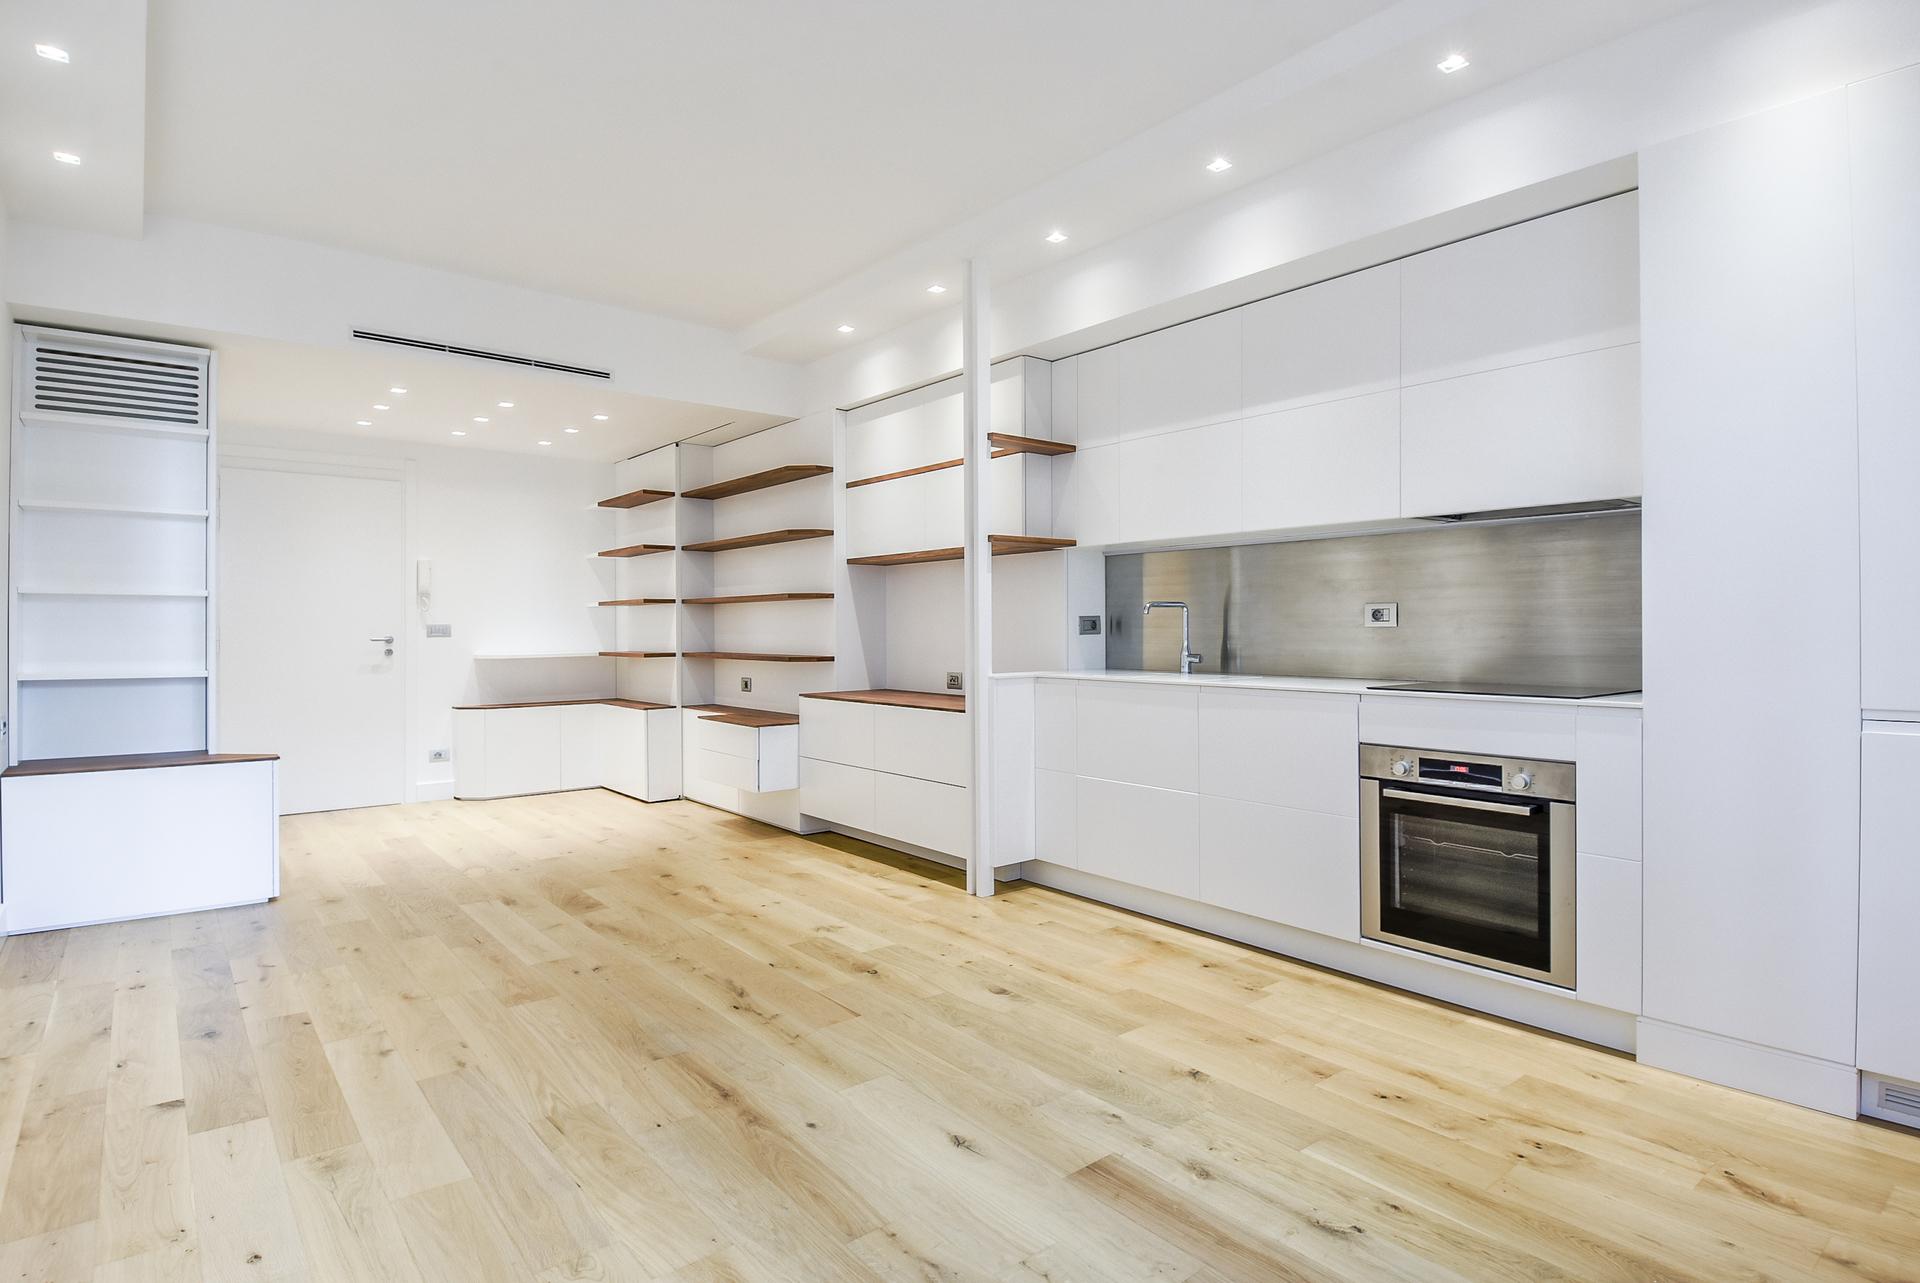 Monaco - Lumineux appartement rénové de 3 pièces - Bureaux à vendre à Monaco